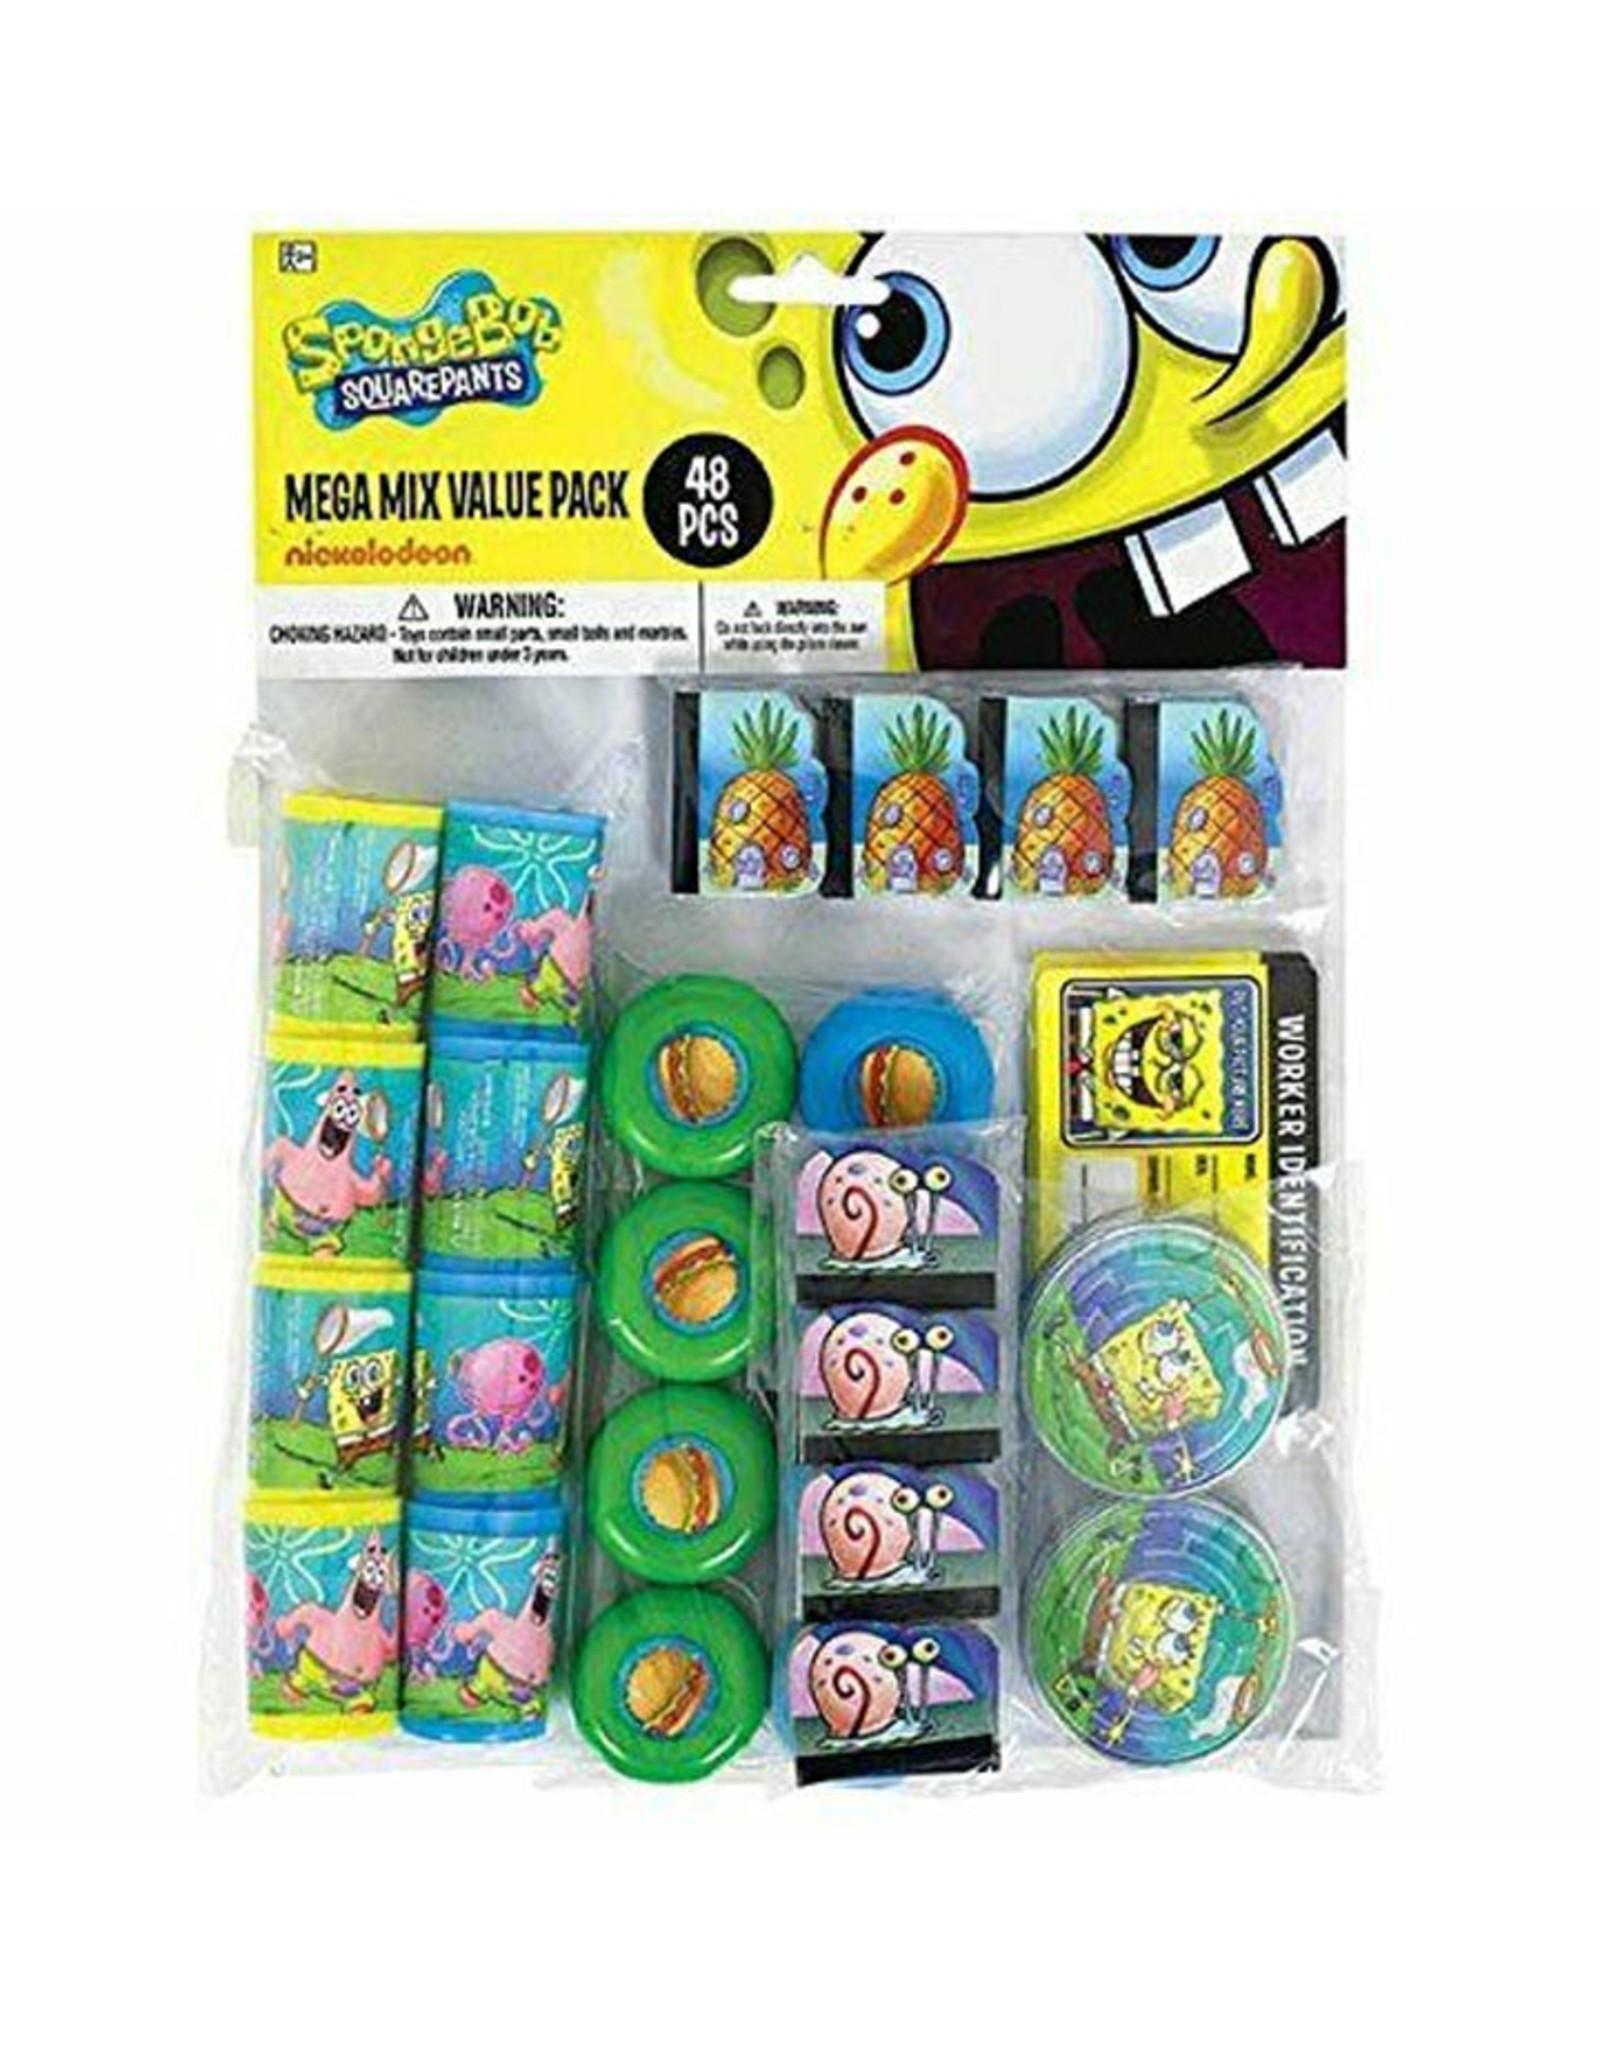 Spongebob Mega Mix Party Favor Pack - 48ct